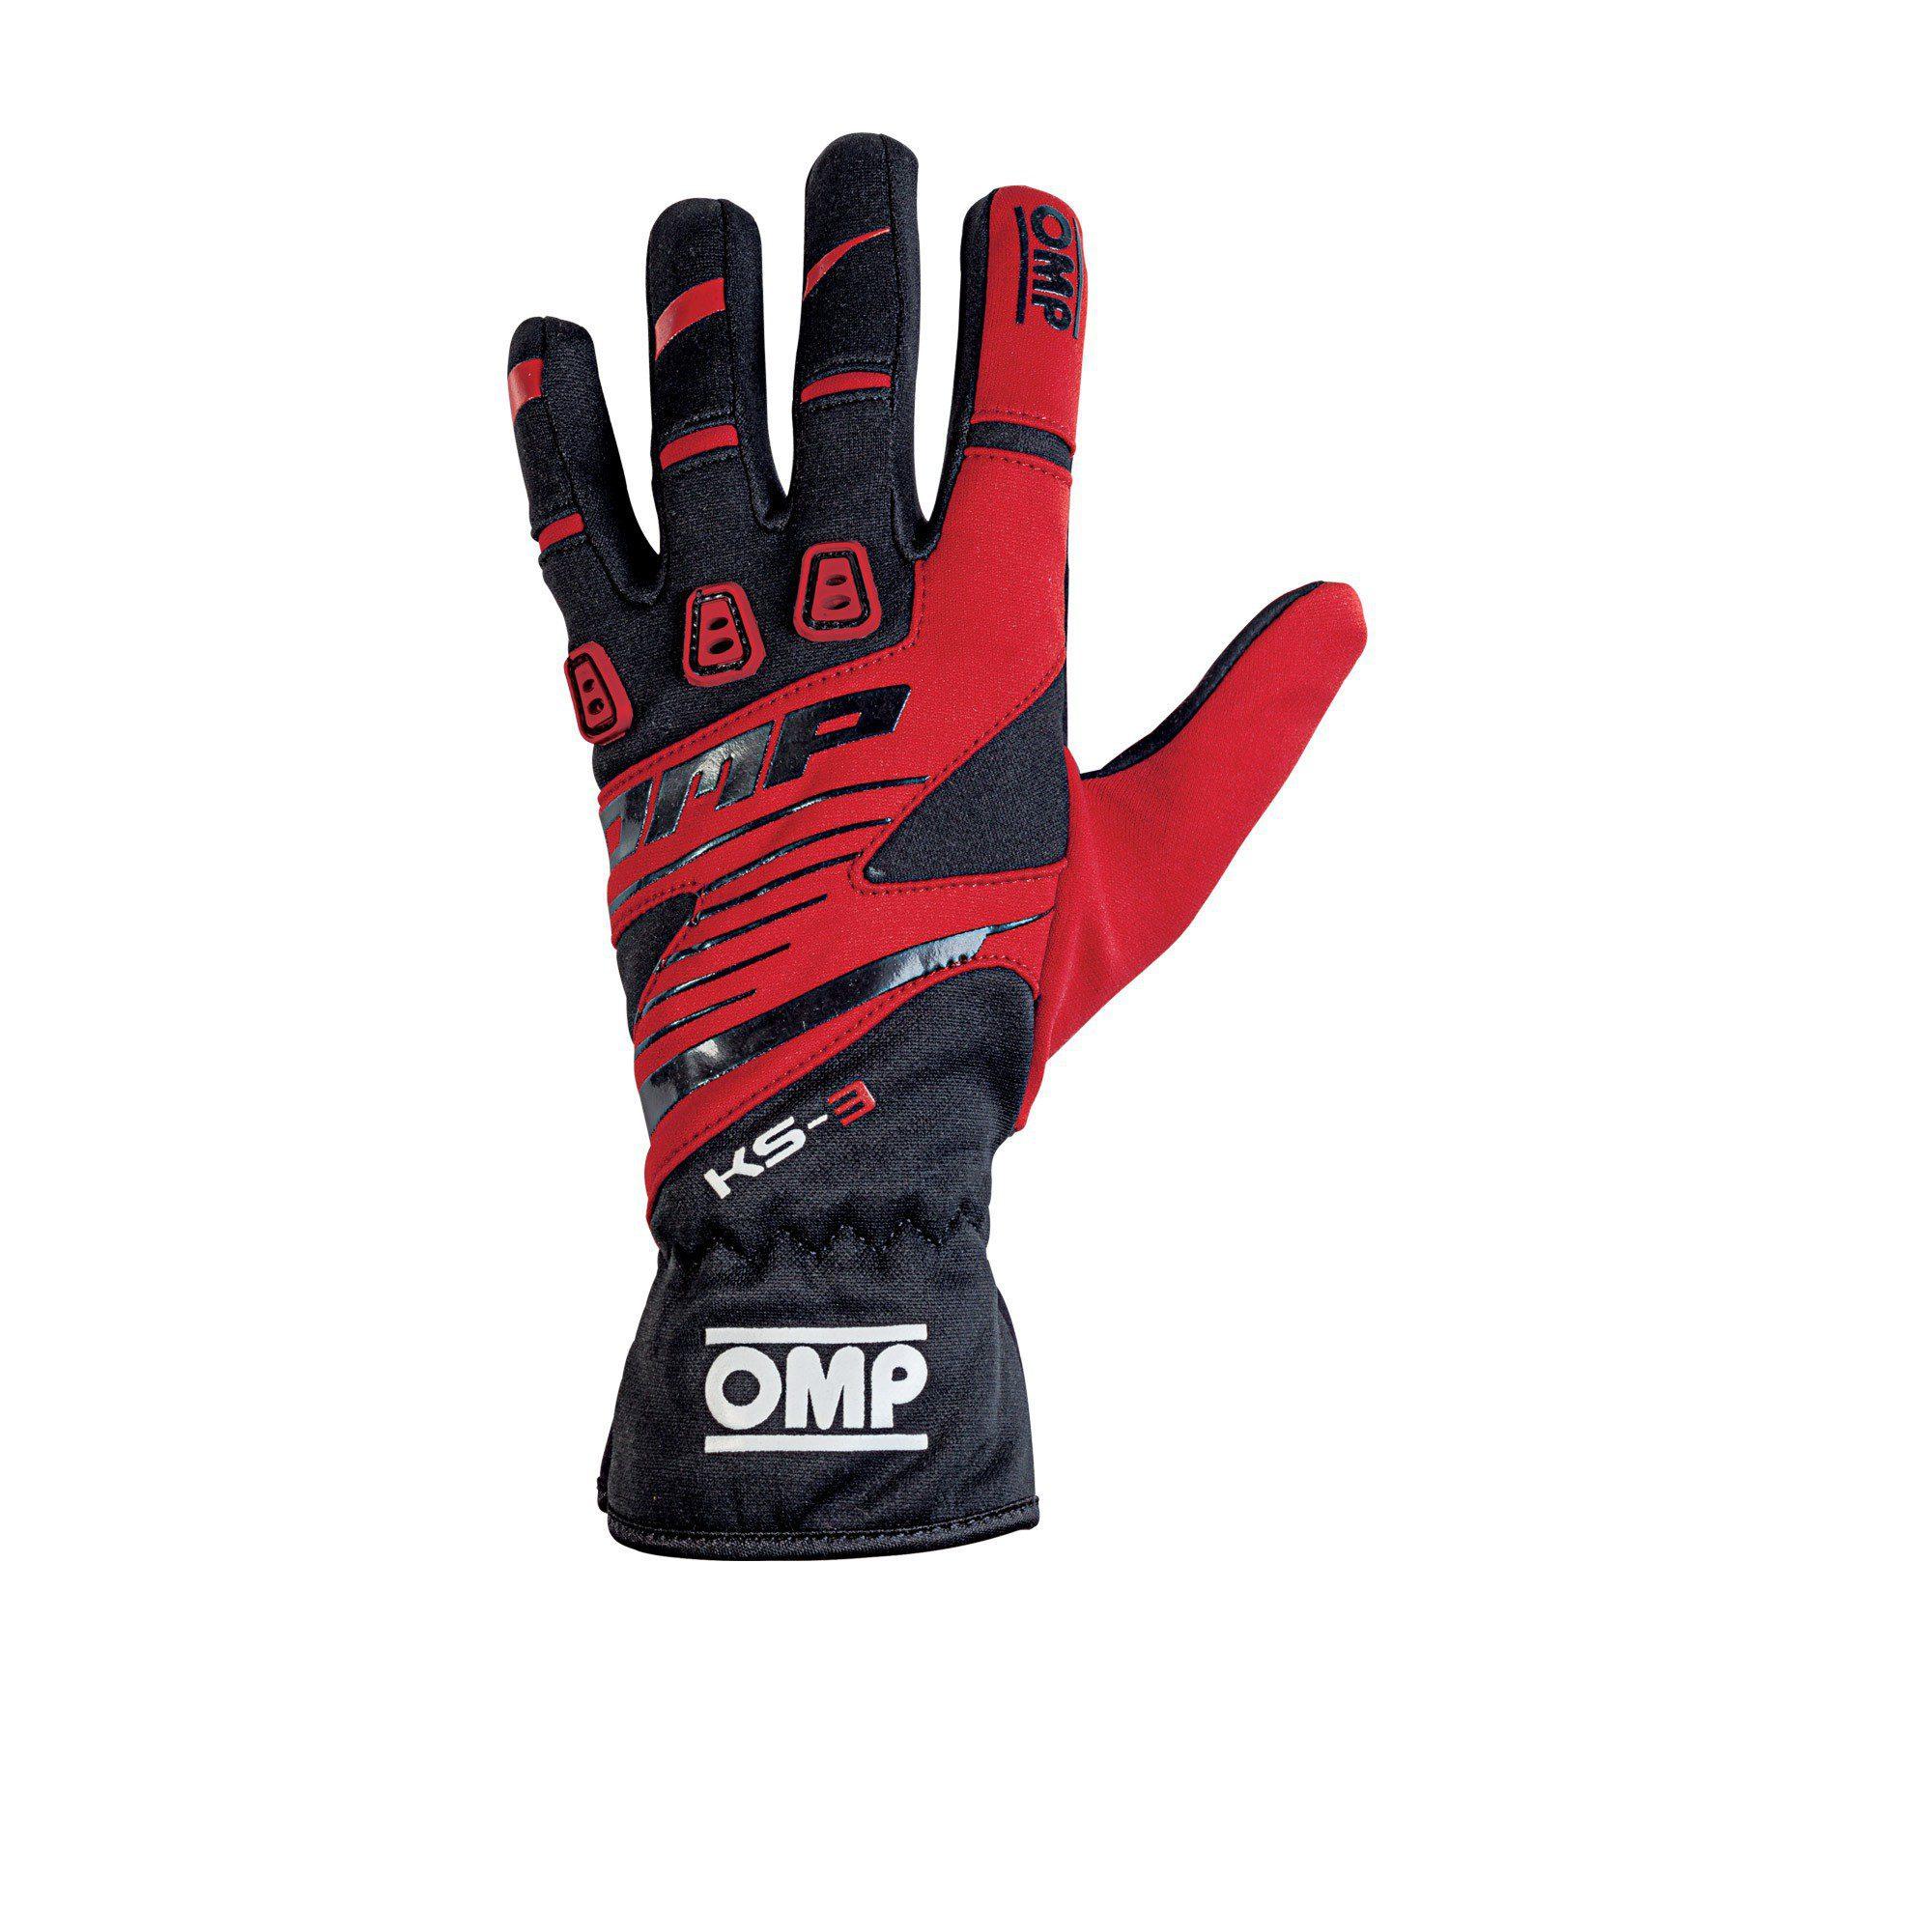 OMP 2019 KS-3 Kart Gloves red